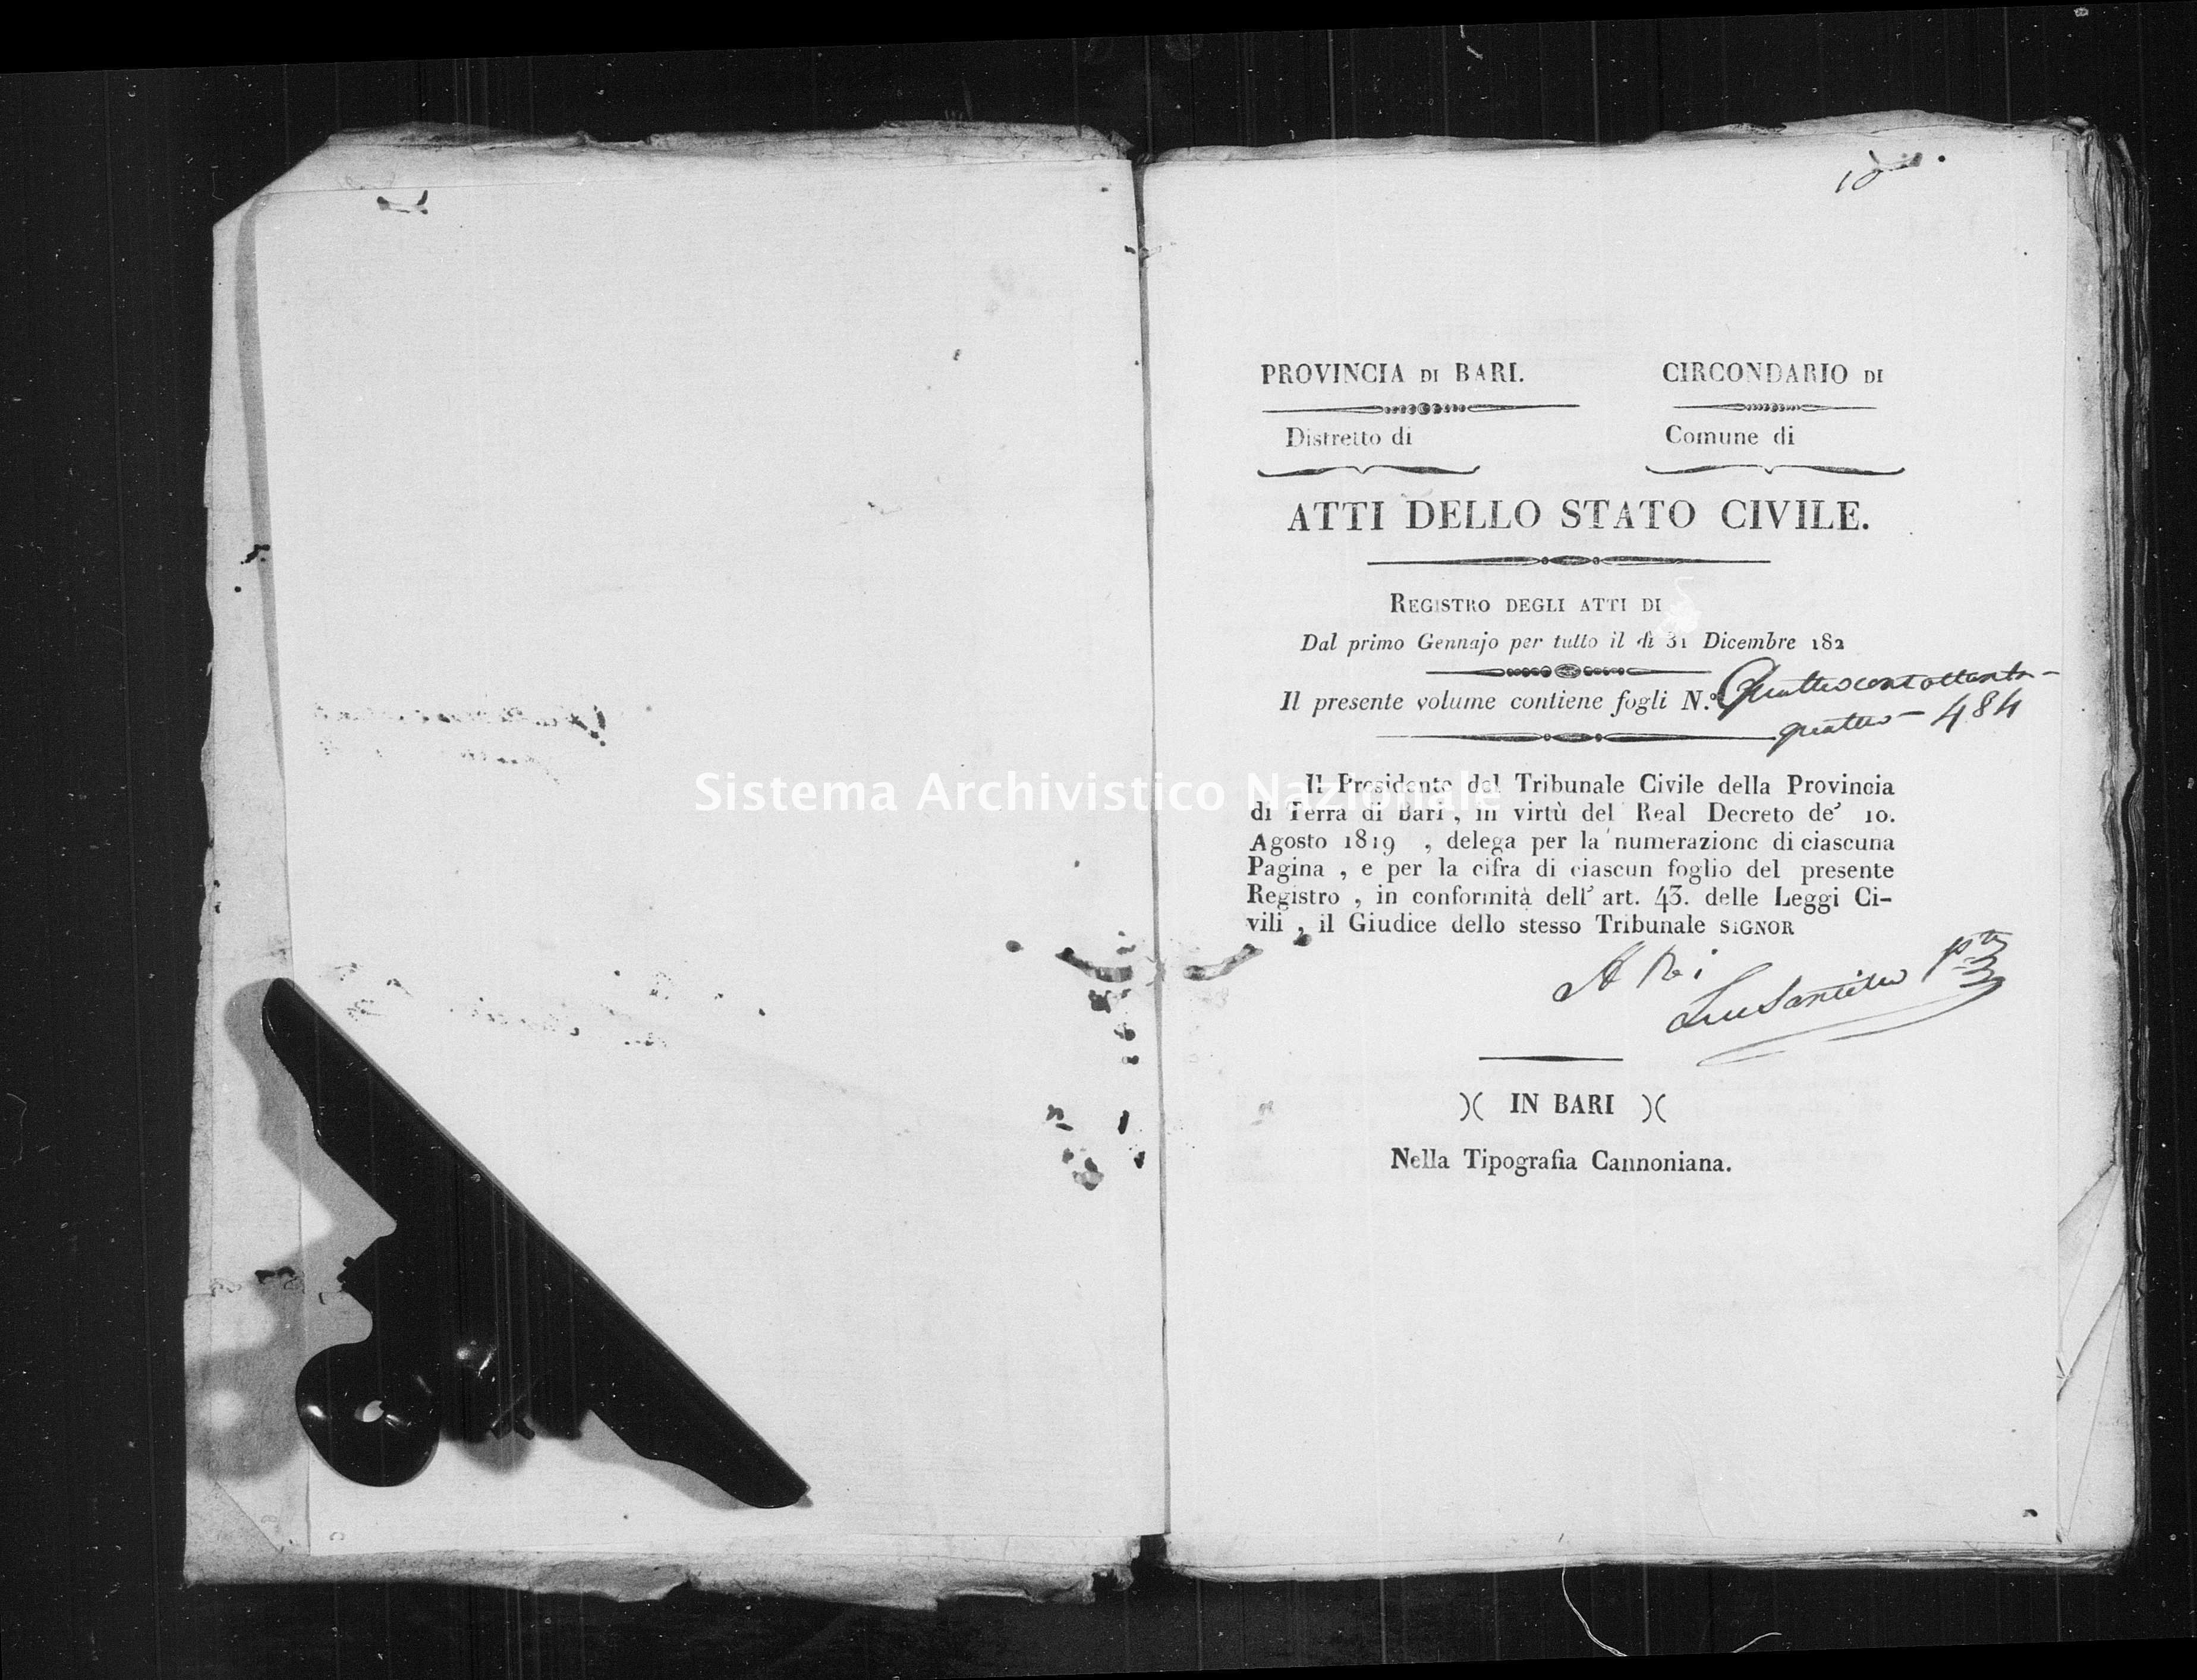 Archivio di stato di Bari - Stato civile della restaurazione - Mola - Morti - 1829 -